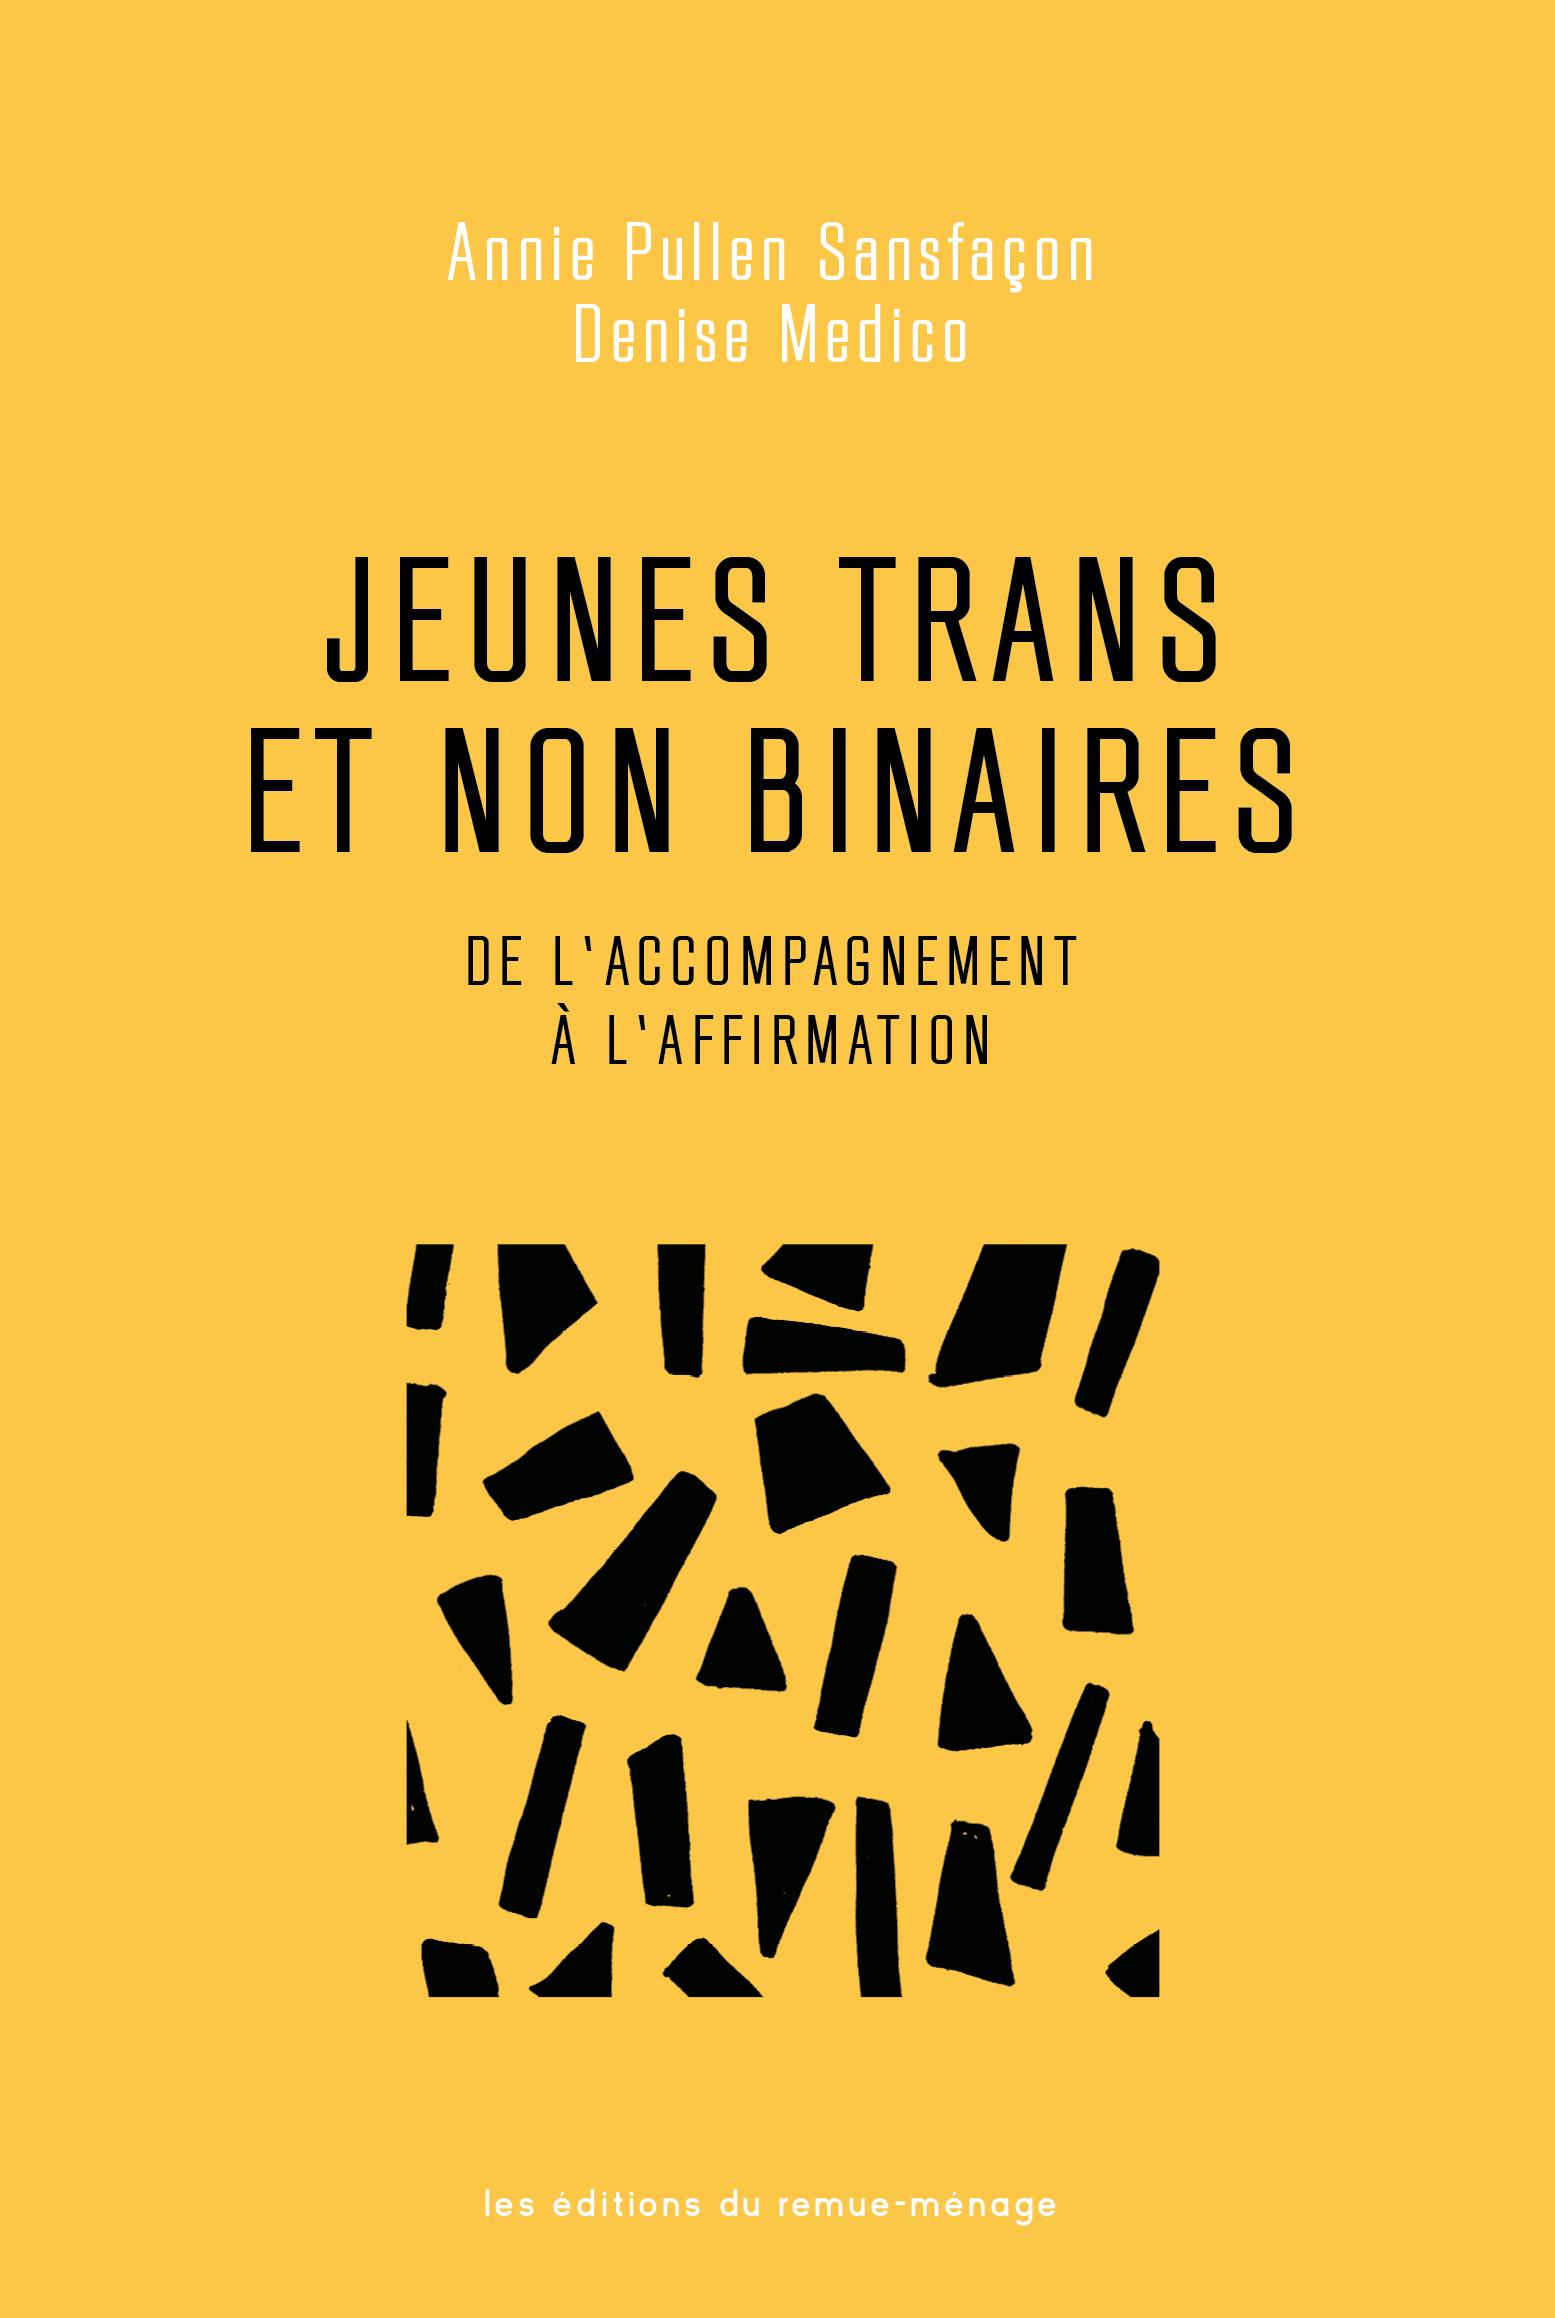 Jeunes trans et non binaires